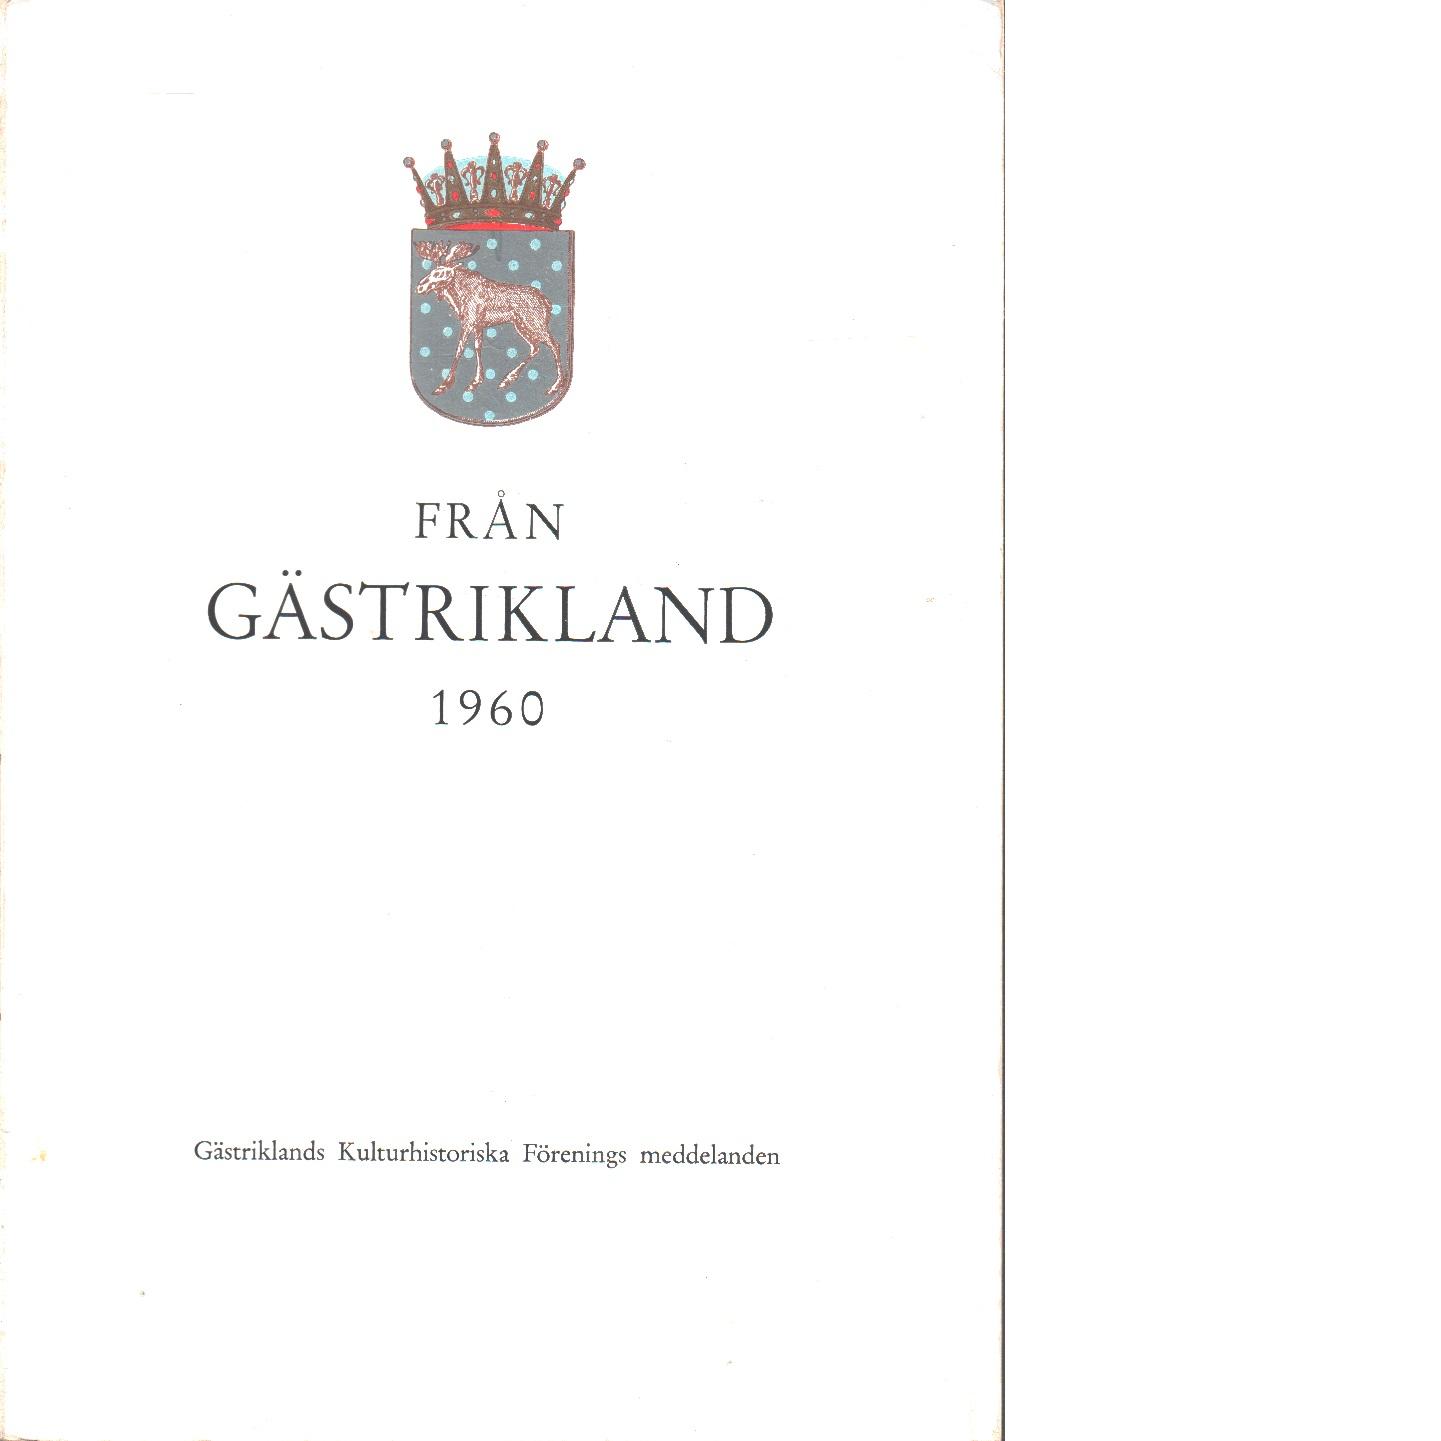 Från Gästrikland 1960 - Gästriklands kulturhistoriska förening